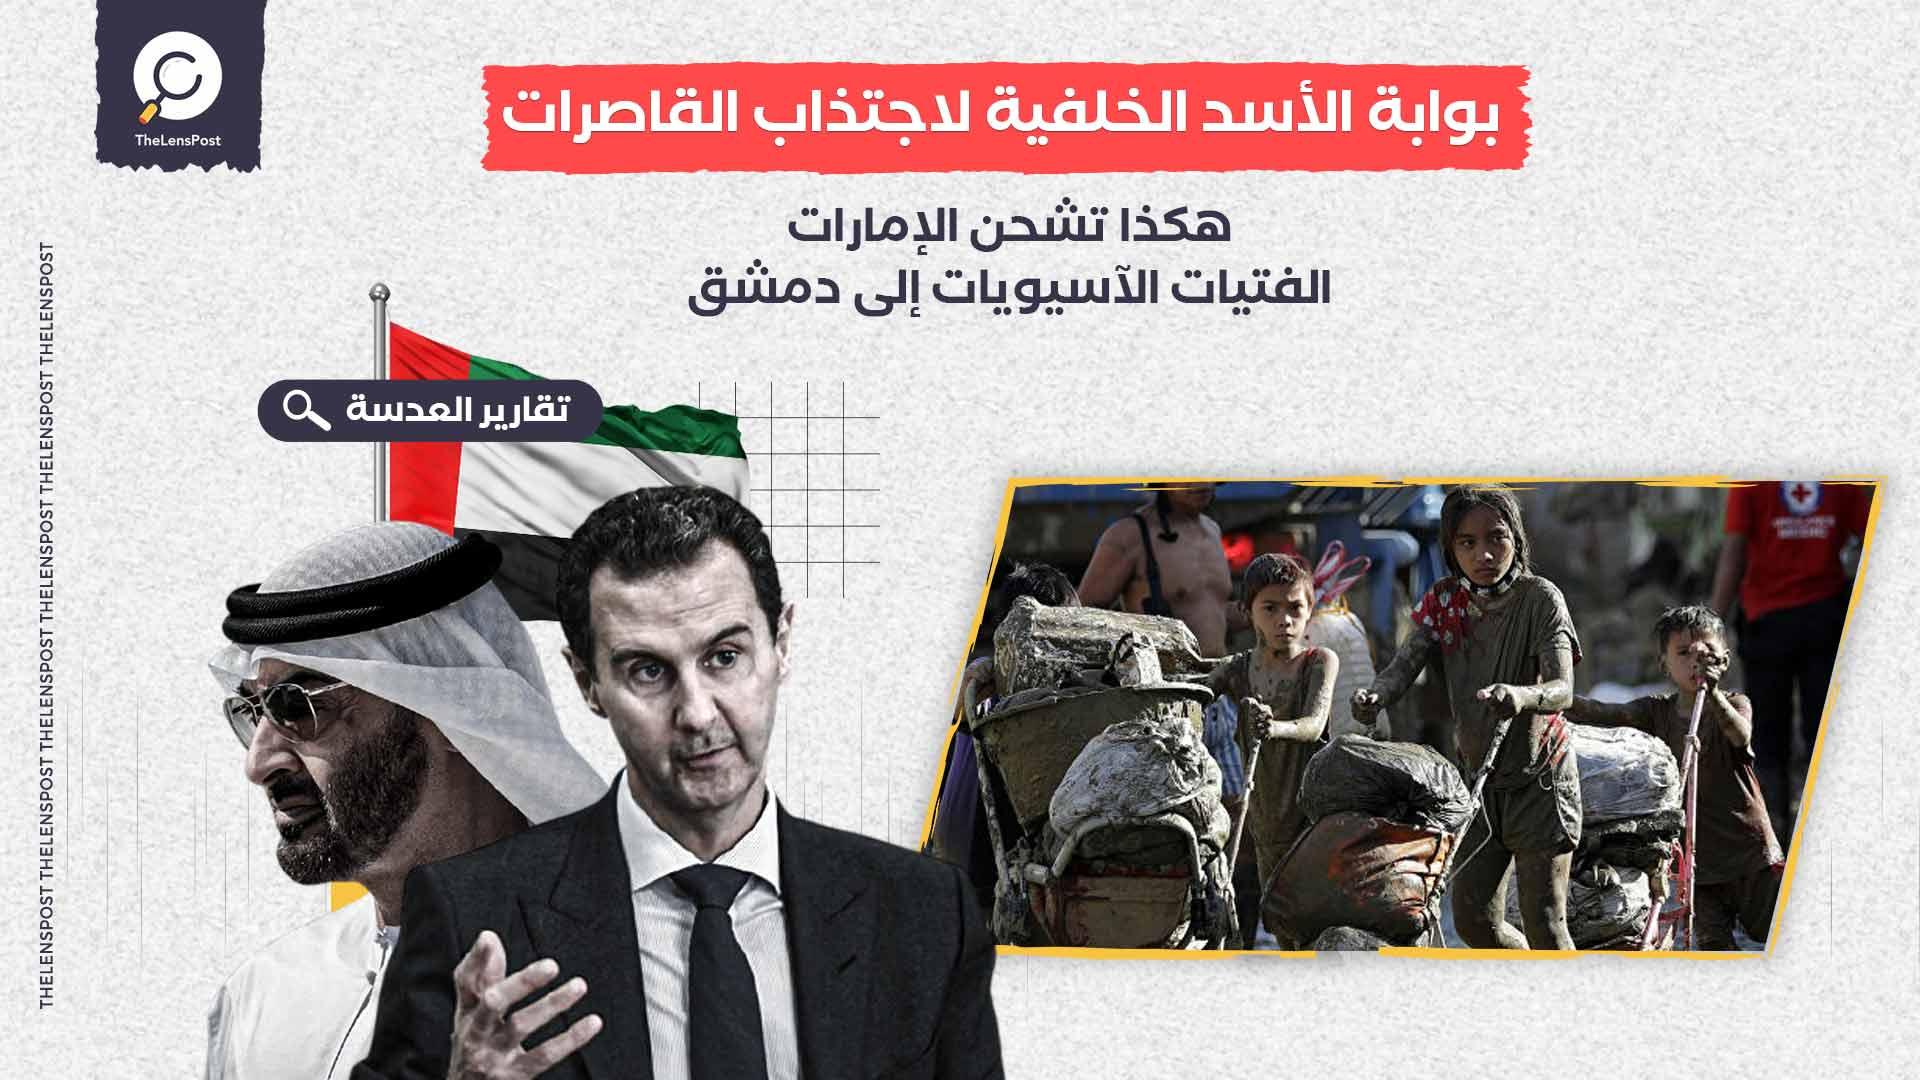 بوابة الأسد الخلفية لاجتذاب القاصرات.. هكذا تشحن الإمارات الفتيات الآسيويات إلى دمشق